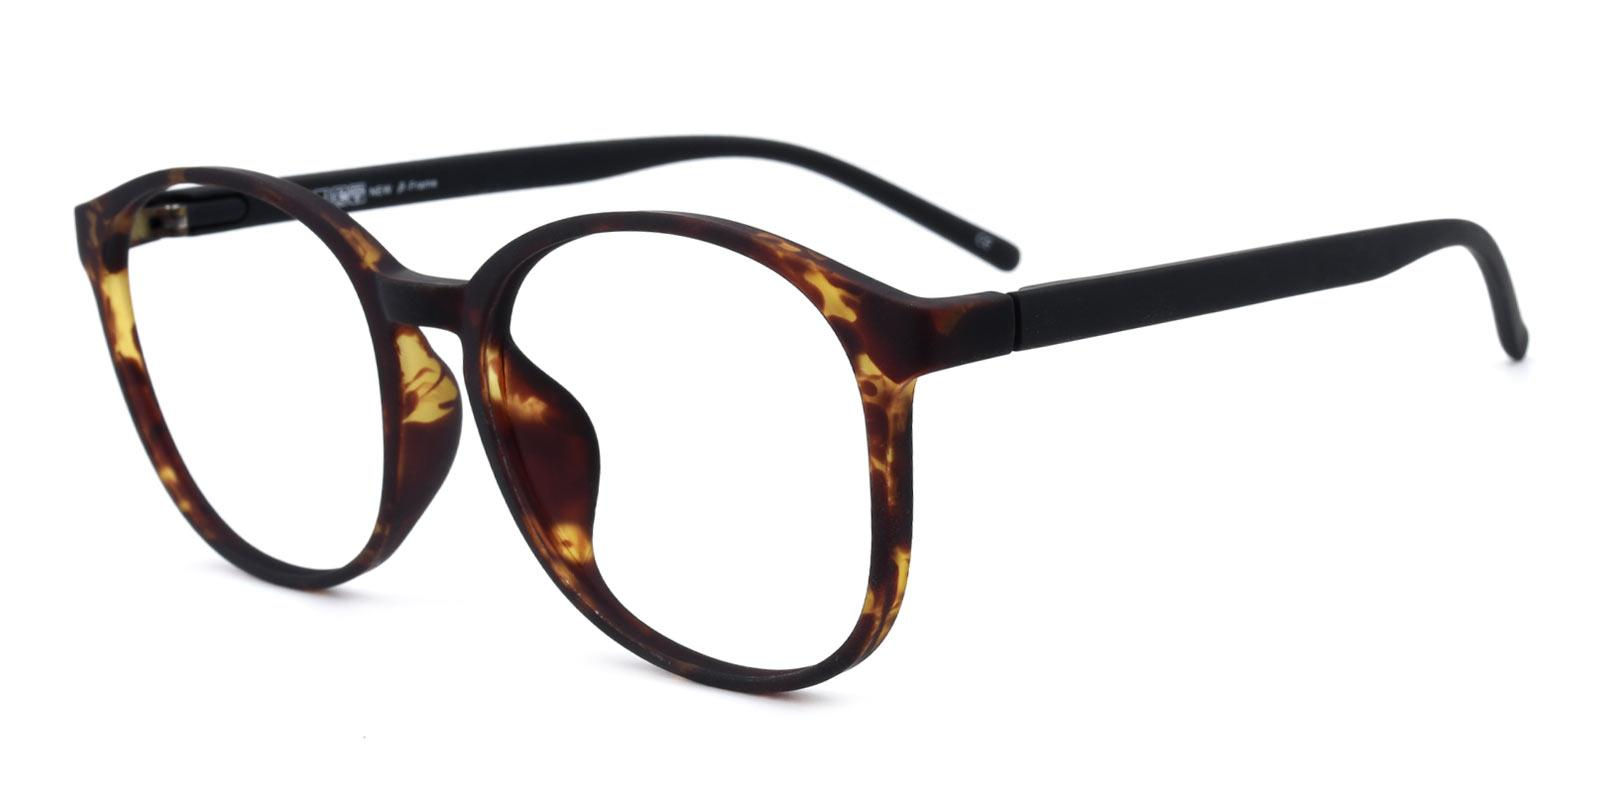 Kolins-Tortoise-Cat-TR-Eyeglasses-detail